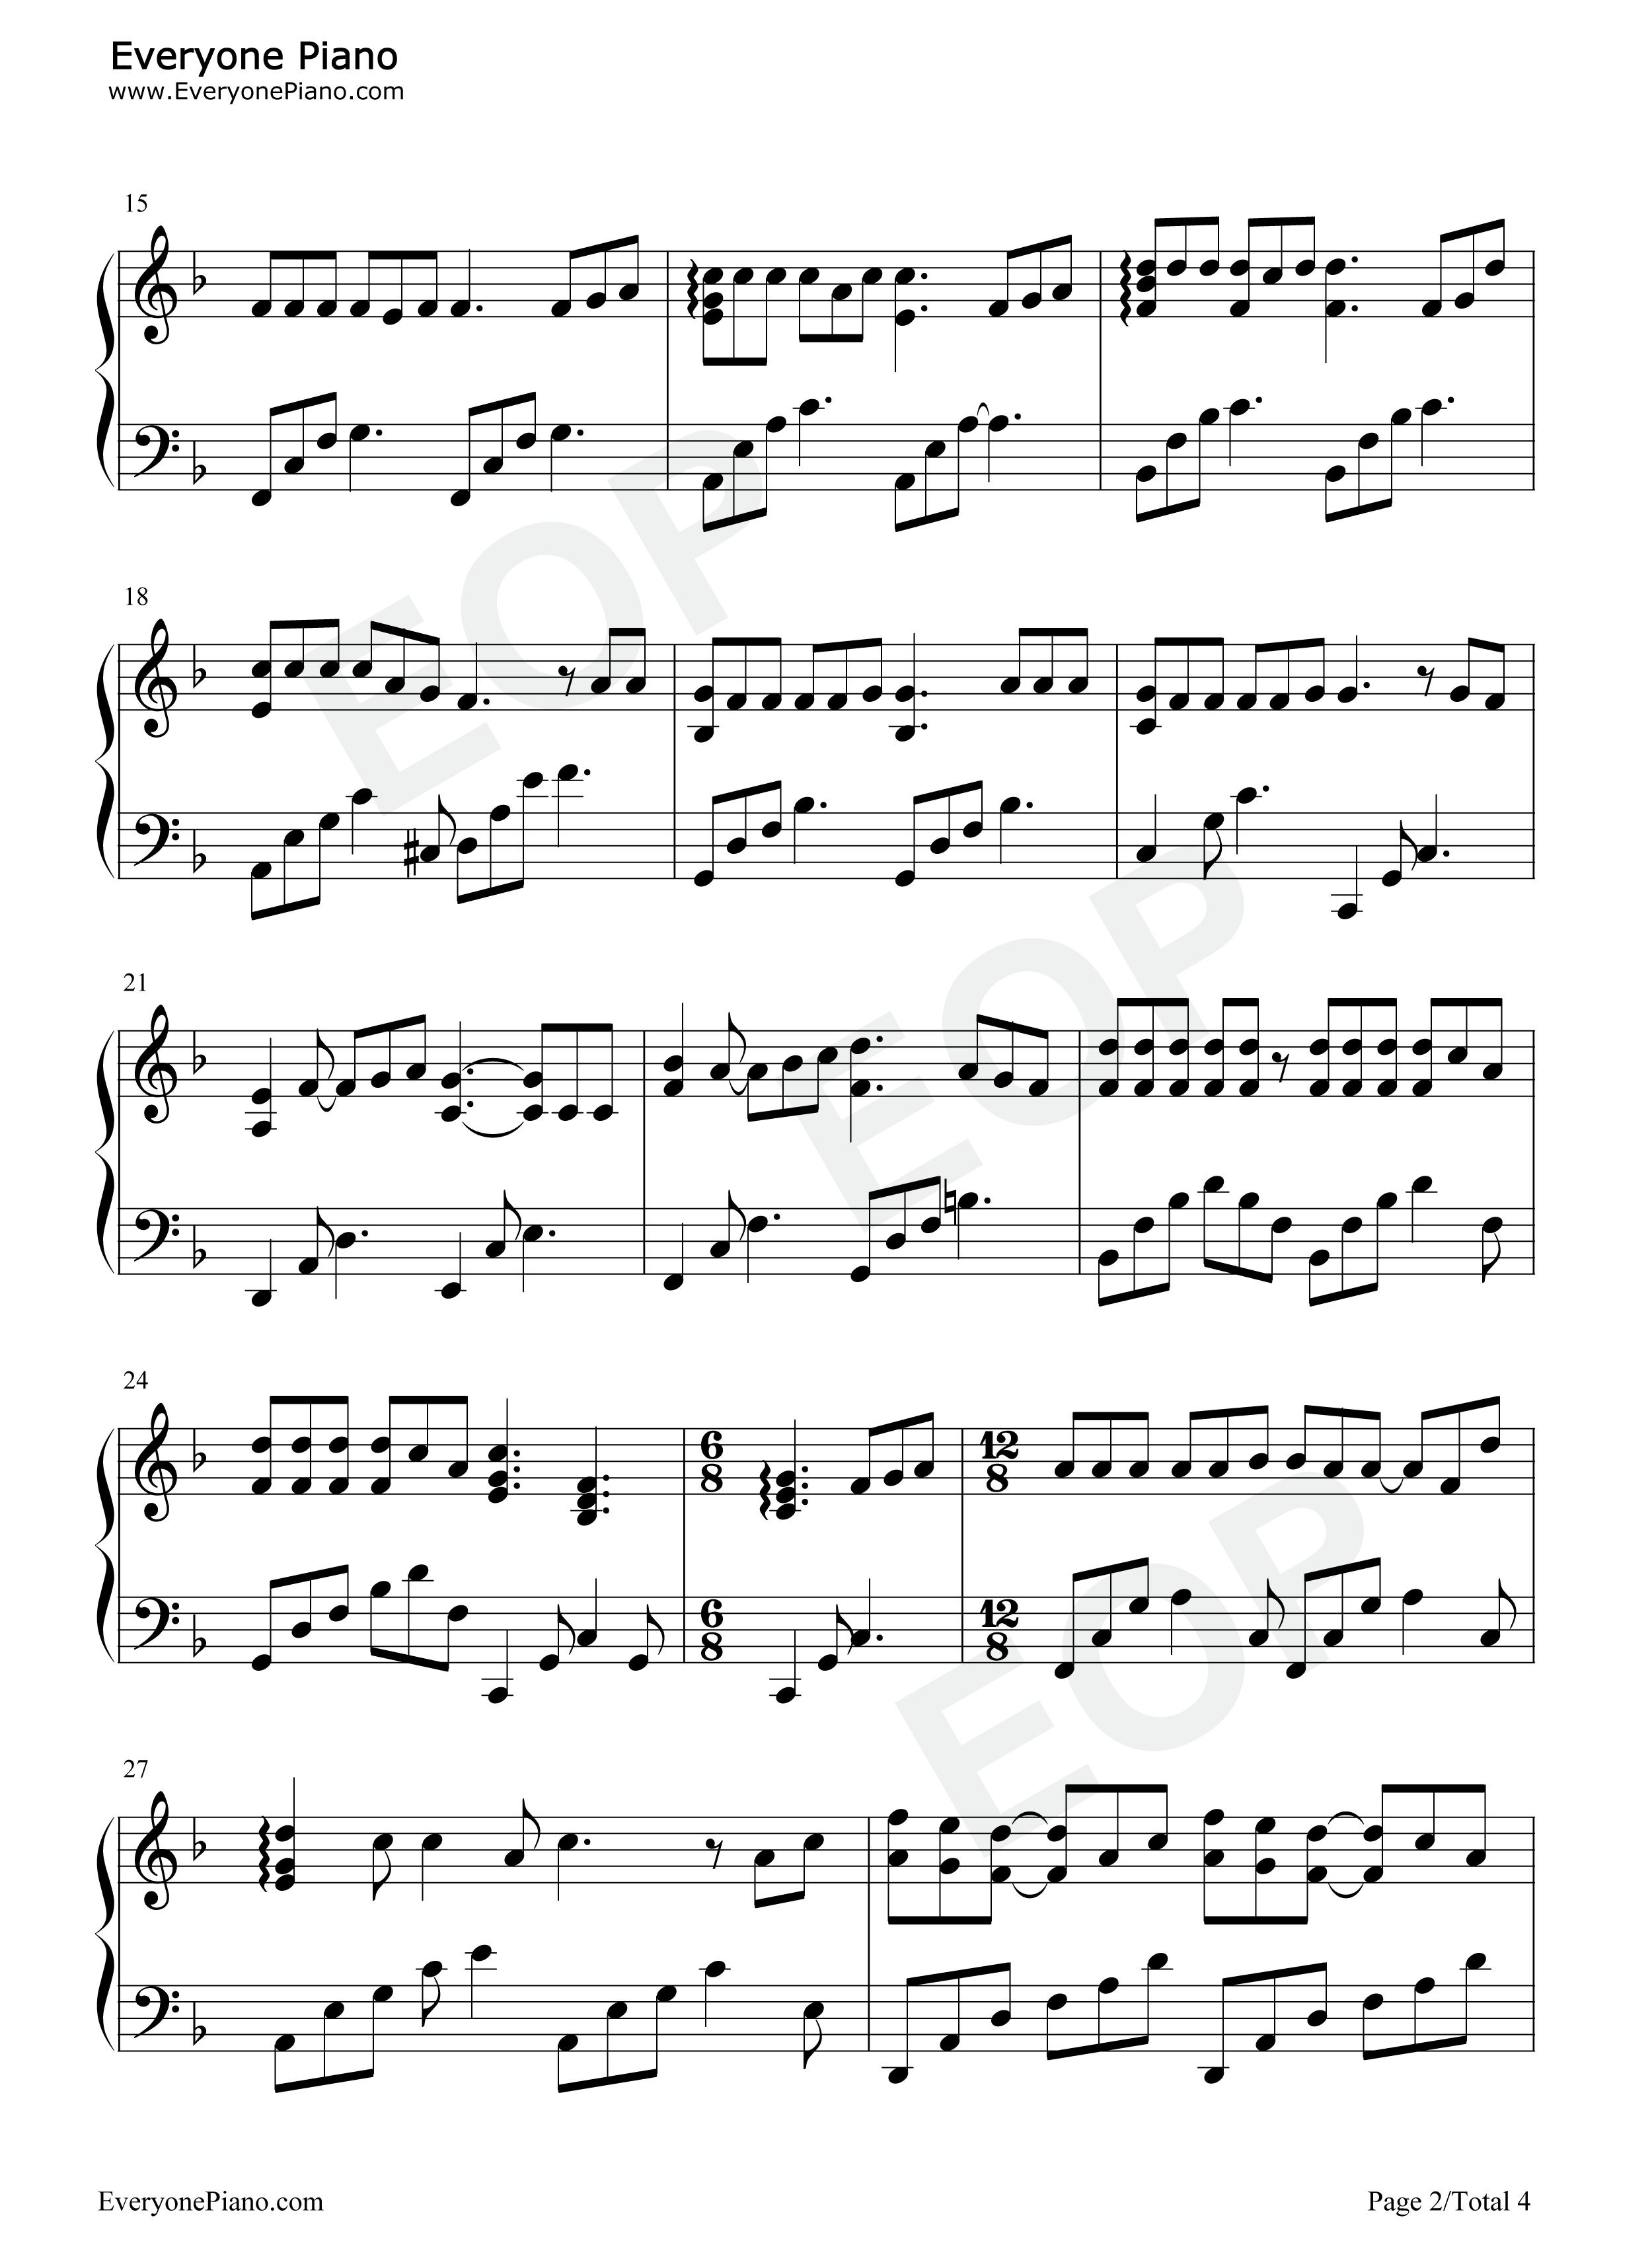 钢琴曲谱 流行 老街-李荣浩 老街-李荣浩五线谱预览2  }  仅供学习